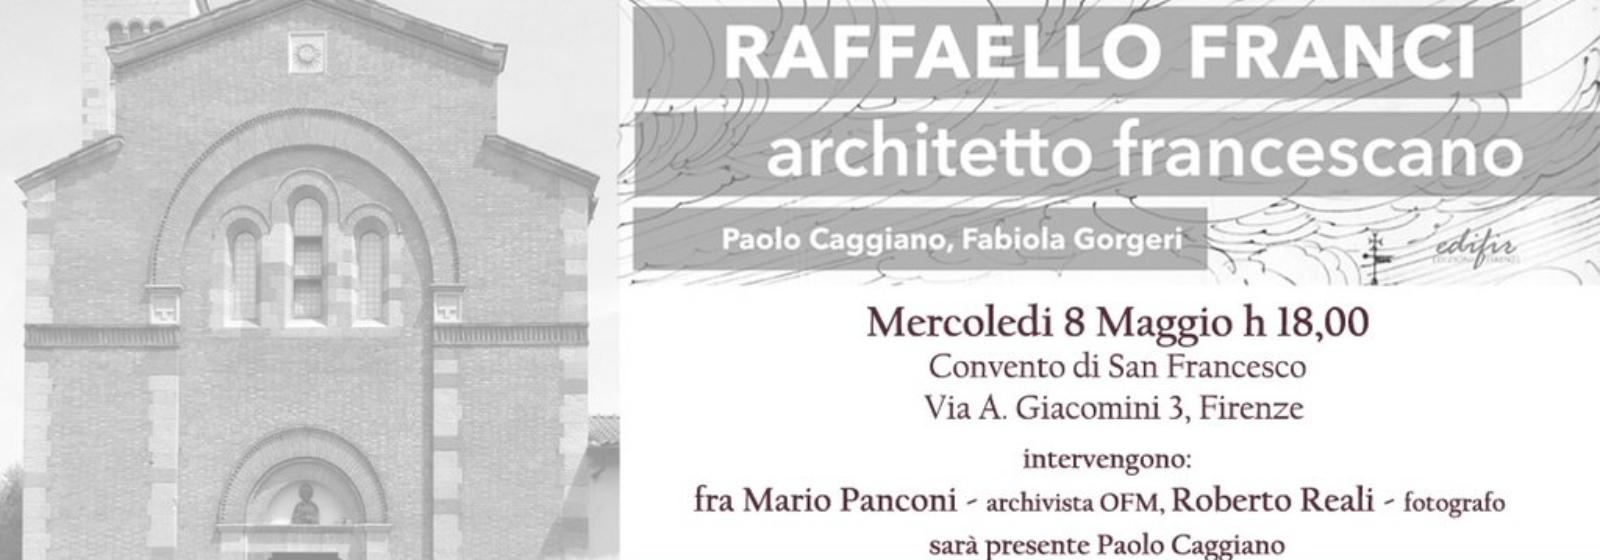 Raffaello Franci, architetto francescano